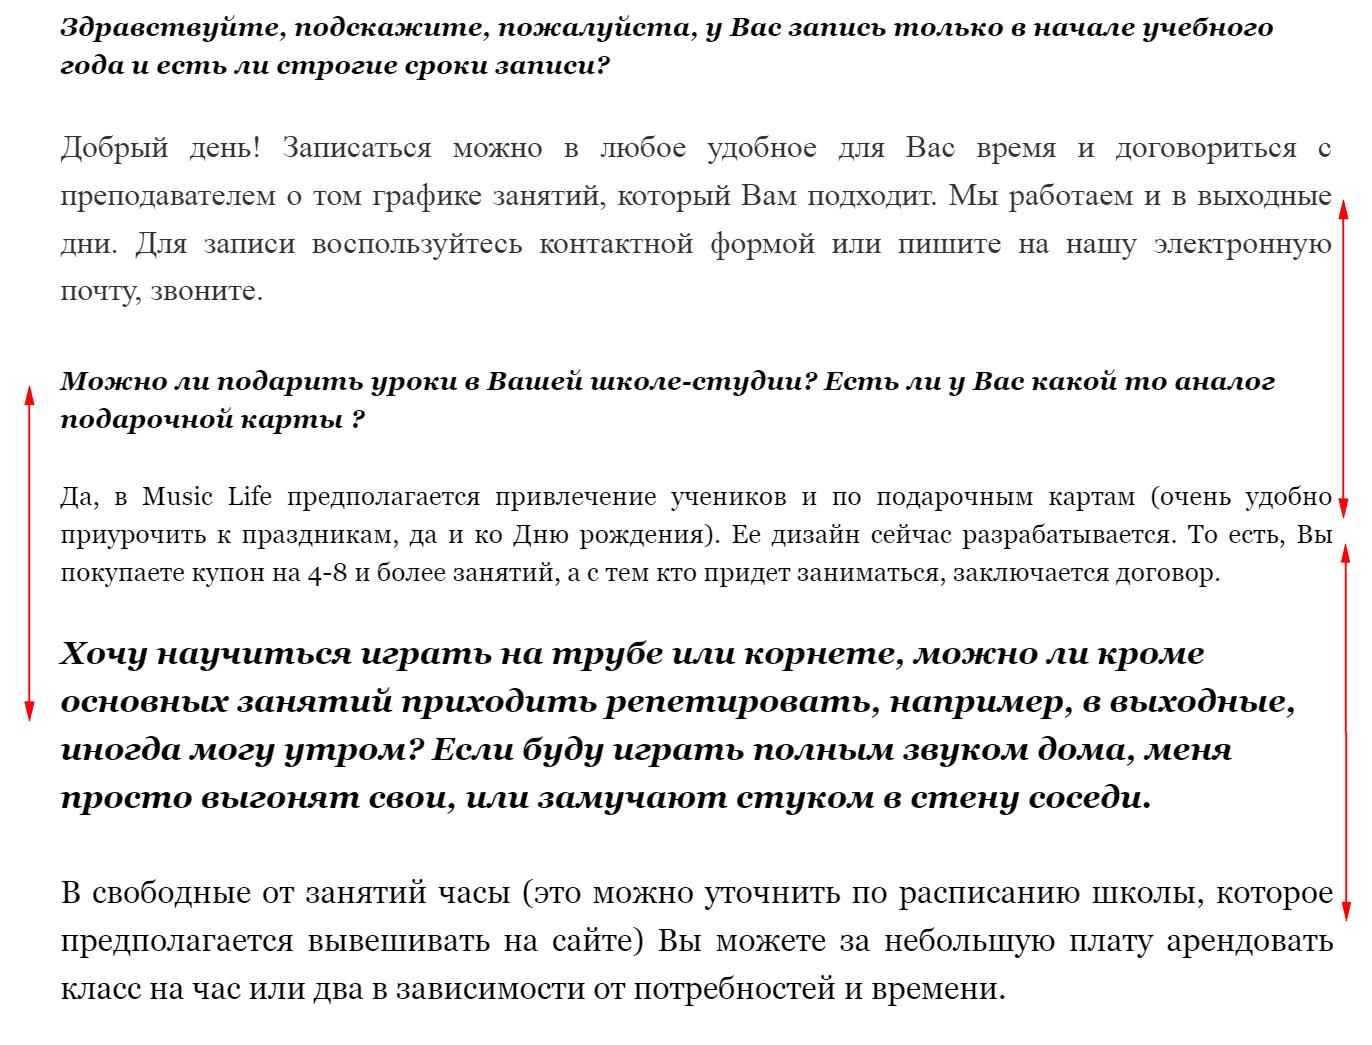 Разное оформление текстов